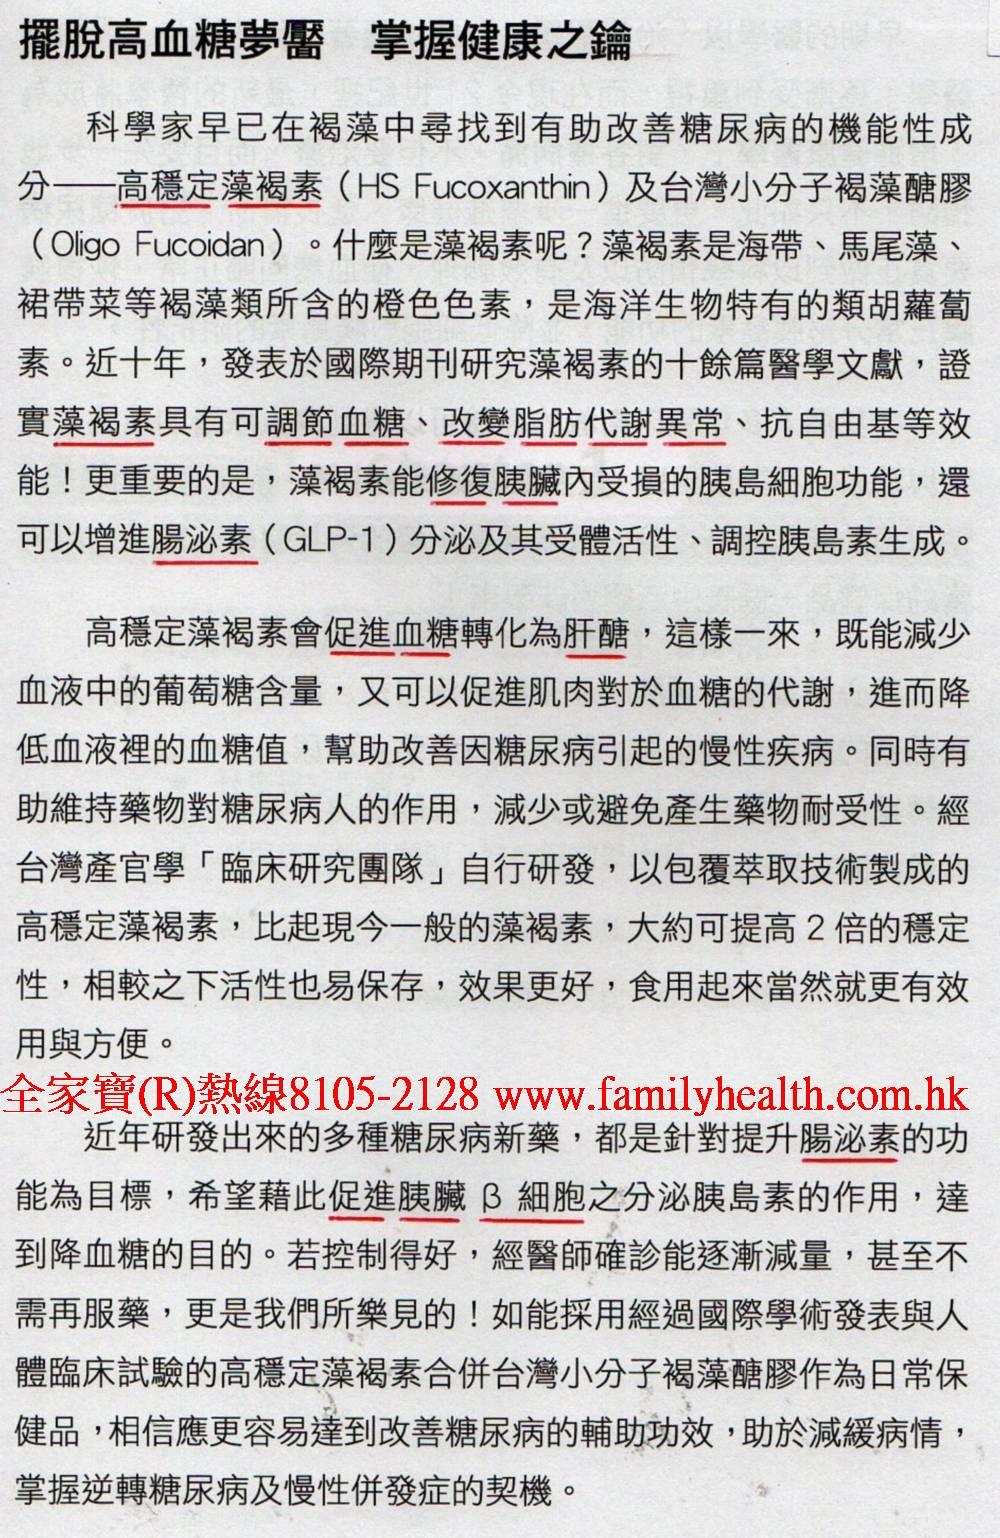 http://www.familyhealth.com.hk/files/full/993_4.jpg